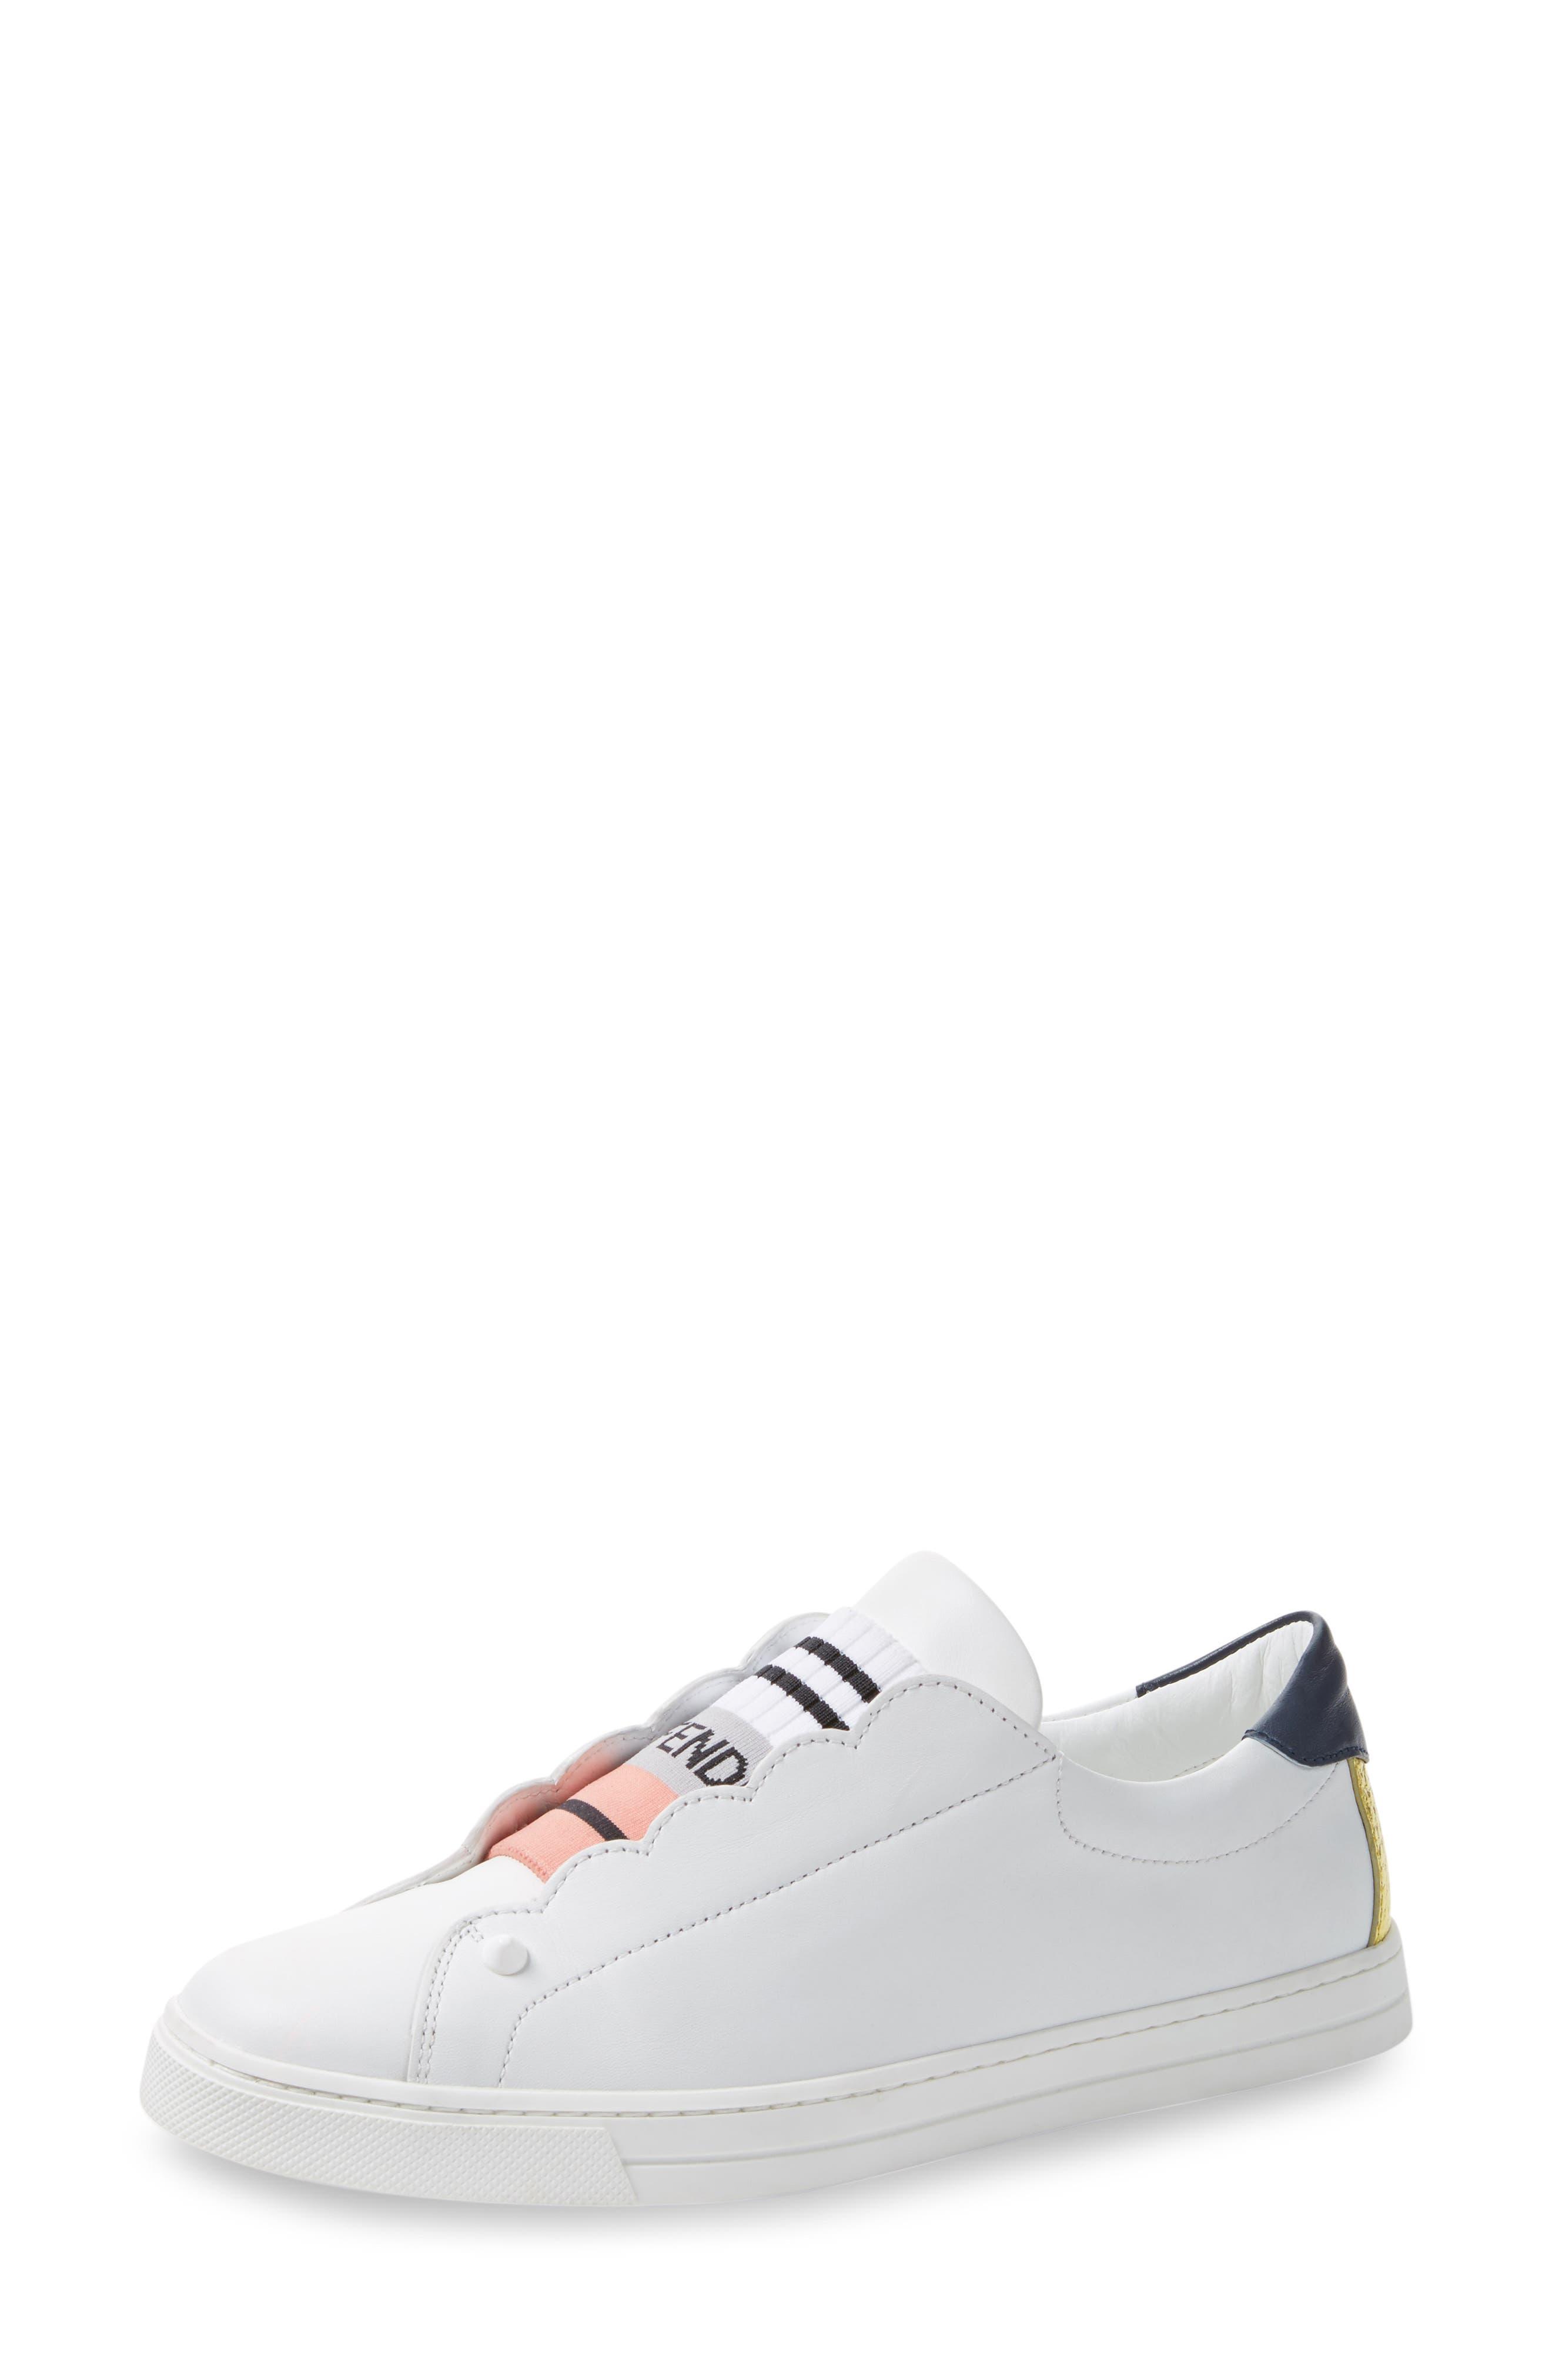 Alternate Image 1 Selected - Fendi Rockoclick Slip-On Sneaker (Women)